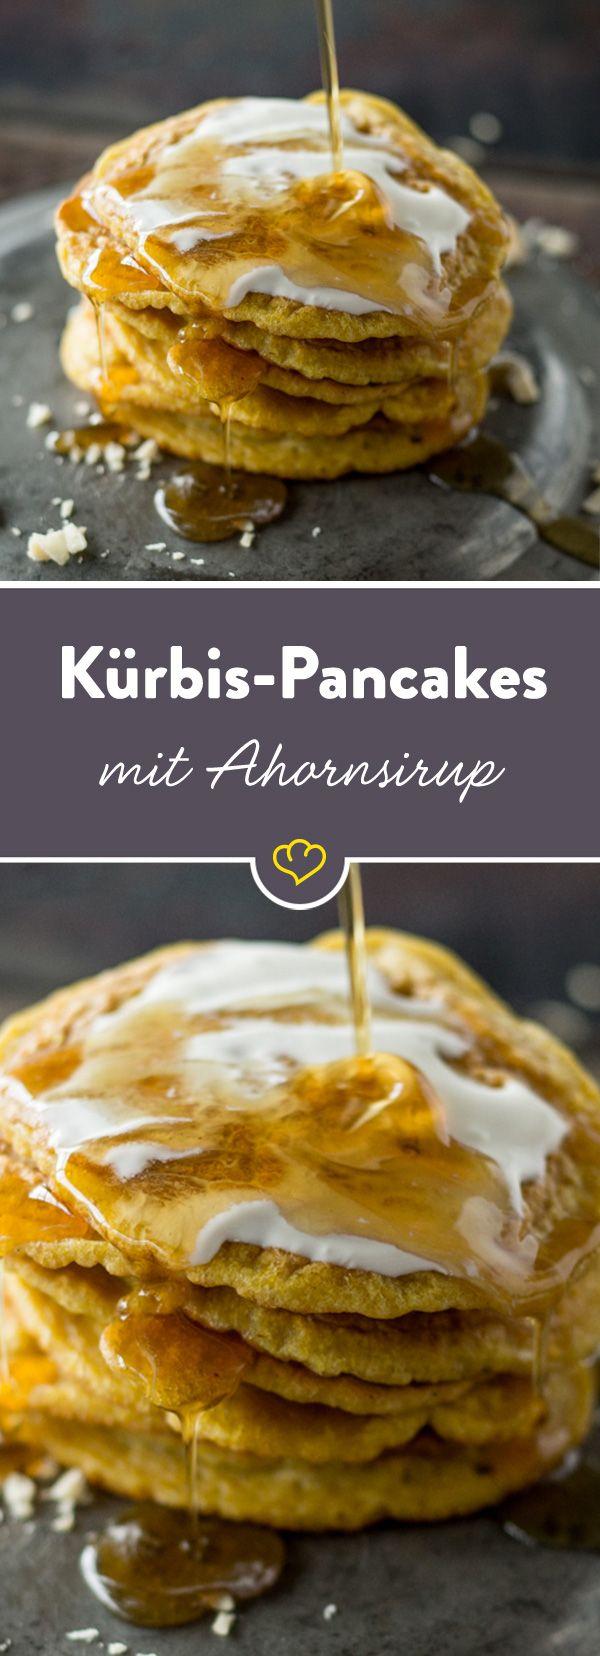 Kürbis im Pfannkuchen und dann auch noch süß - hört sich ein bisschen verrückt an, oder? Aber solltest du probieren. Mit Ahornsirup ein Gedicht.